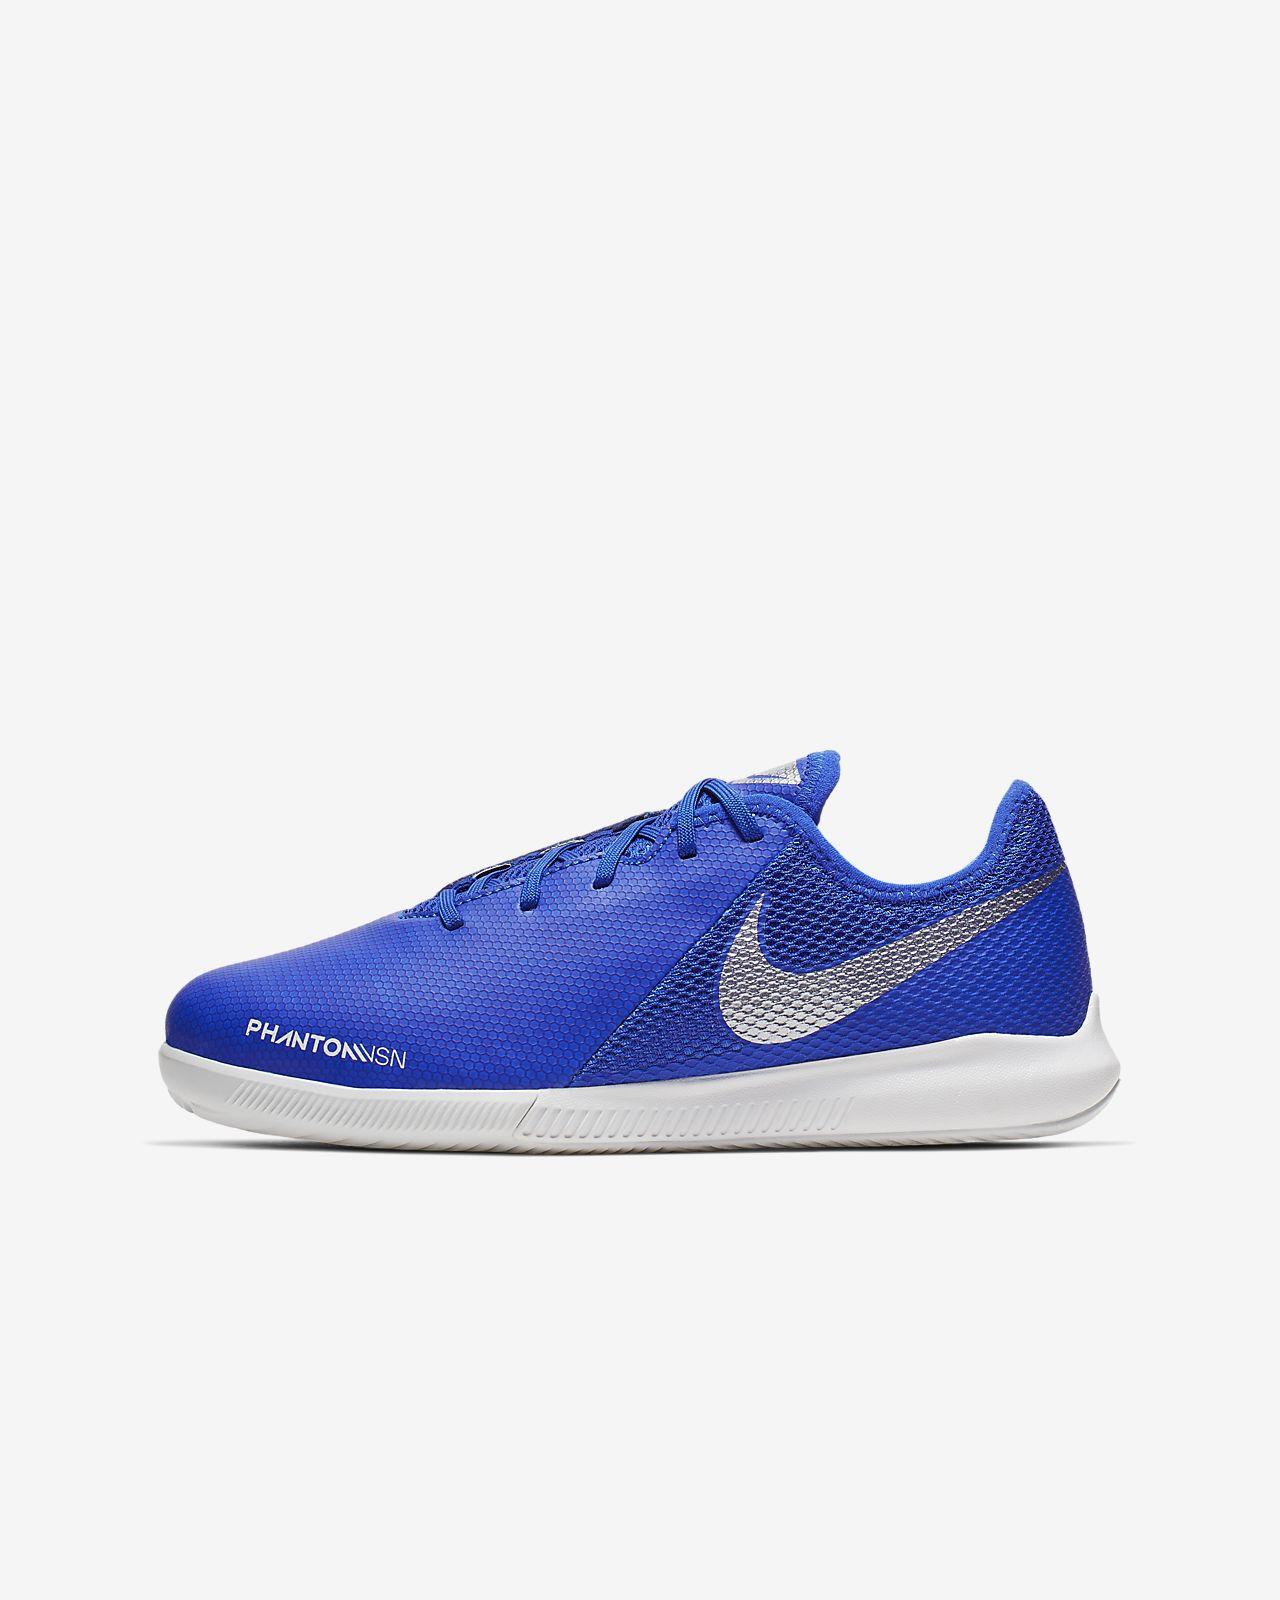 528d129209 ... Sapatilhas de futsal Nike Jr. Phantom Vision Academy IC para  criança Júnior